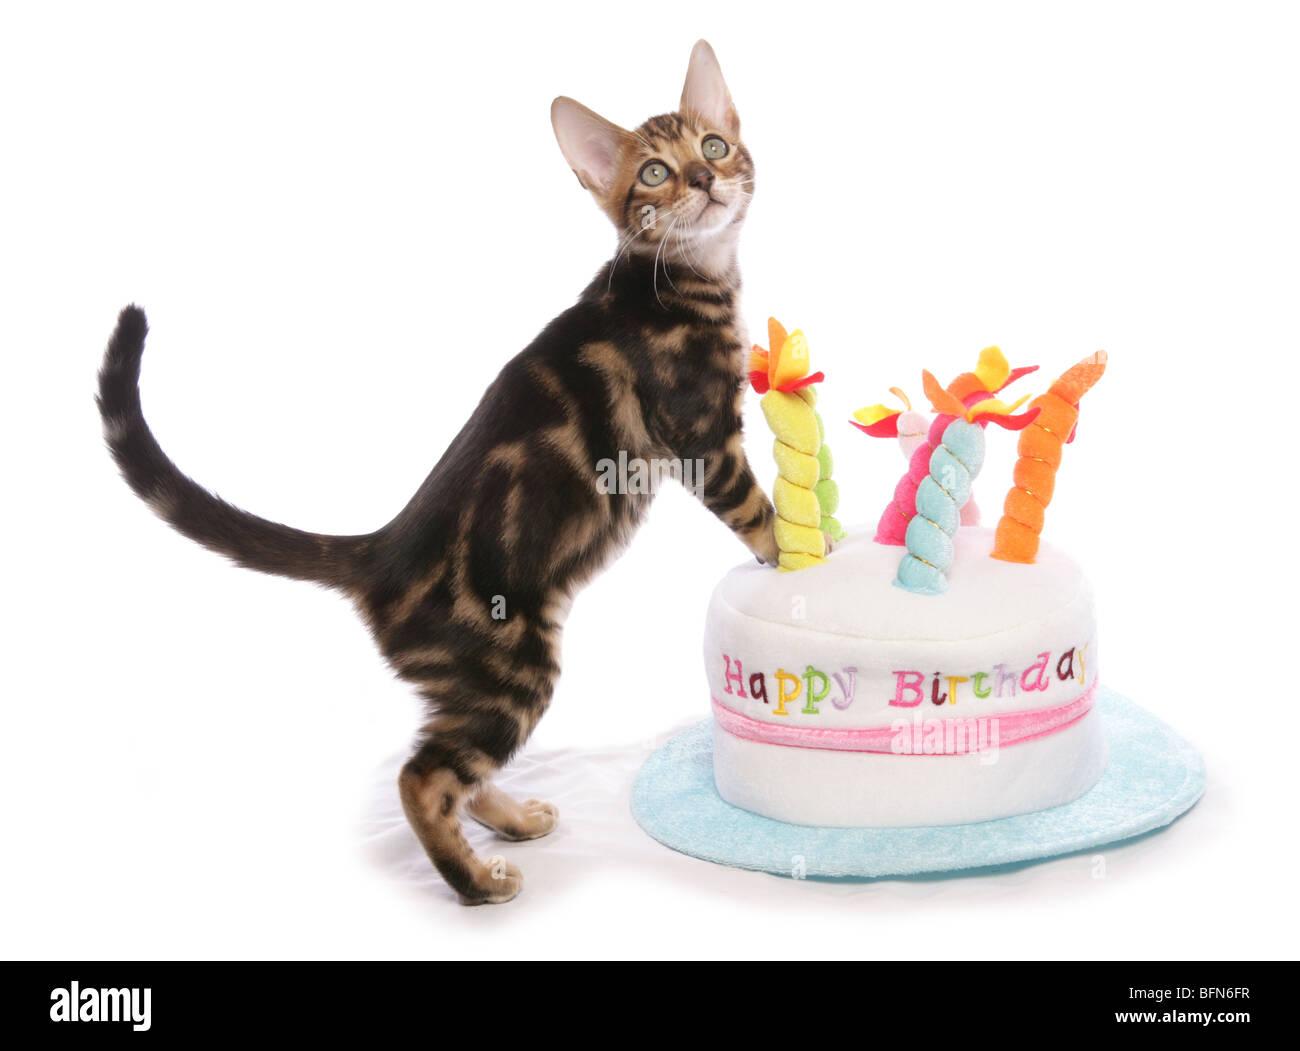 pics for gt kitten birthday cake